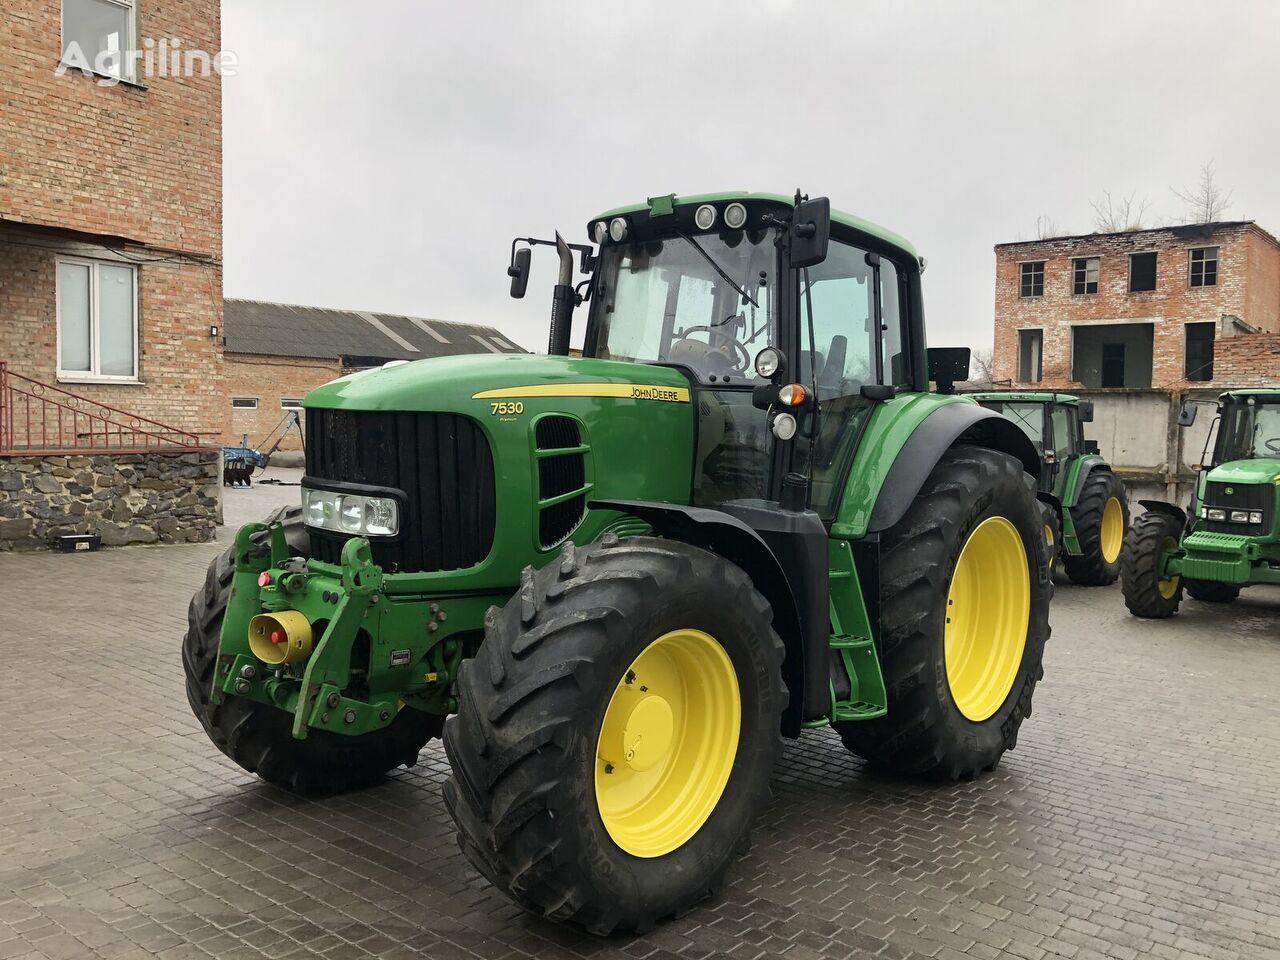 JOHN DEERE 7530 wheel tractor